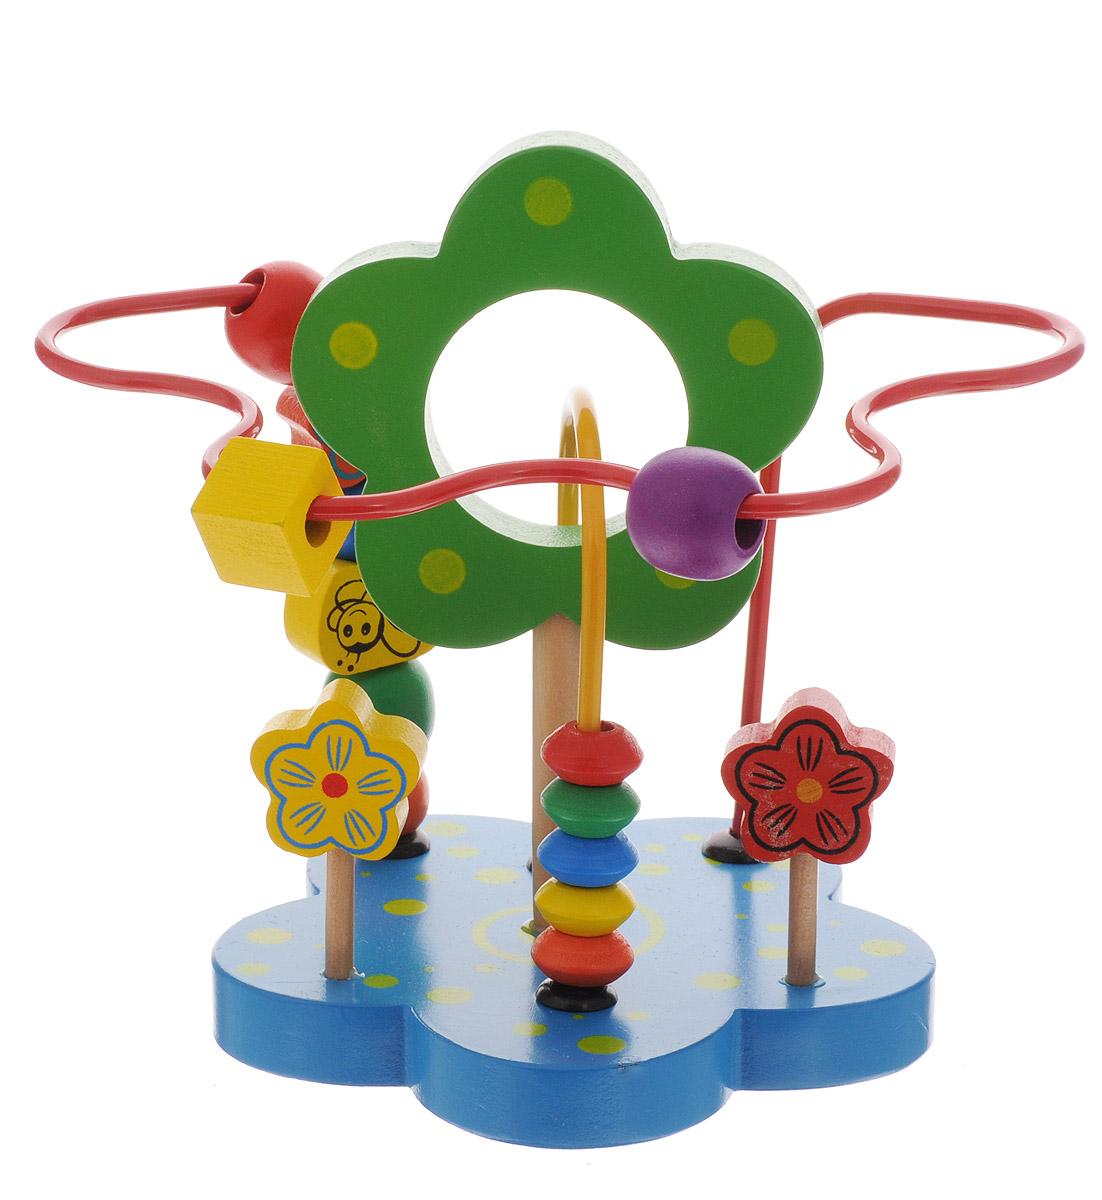 Развивающие деревянные игрушки Лабиринт ЦветокРДИ-Д502аЛабиринт Развивающие деревянные игрушки Цветок - незаменимая игрушка для развития мелкой моторики. Яркий красочный лабиринт станет для ребенка не только любимой игрушкой, но и поможет ему изучить цвета, формы, развить воображение. Качественно обработанные элементы из материалов, прошедших все необходимые сертификационные тесты, ребенок может смело пробовать на режущийся зубок.